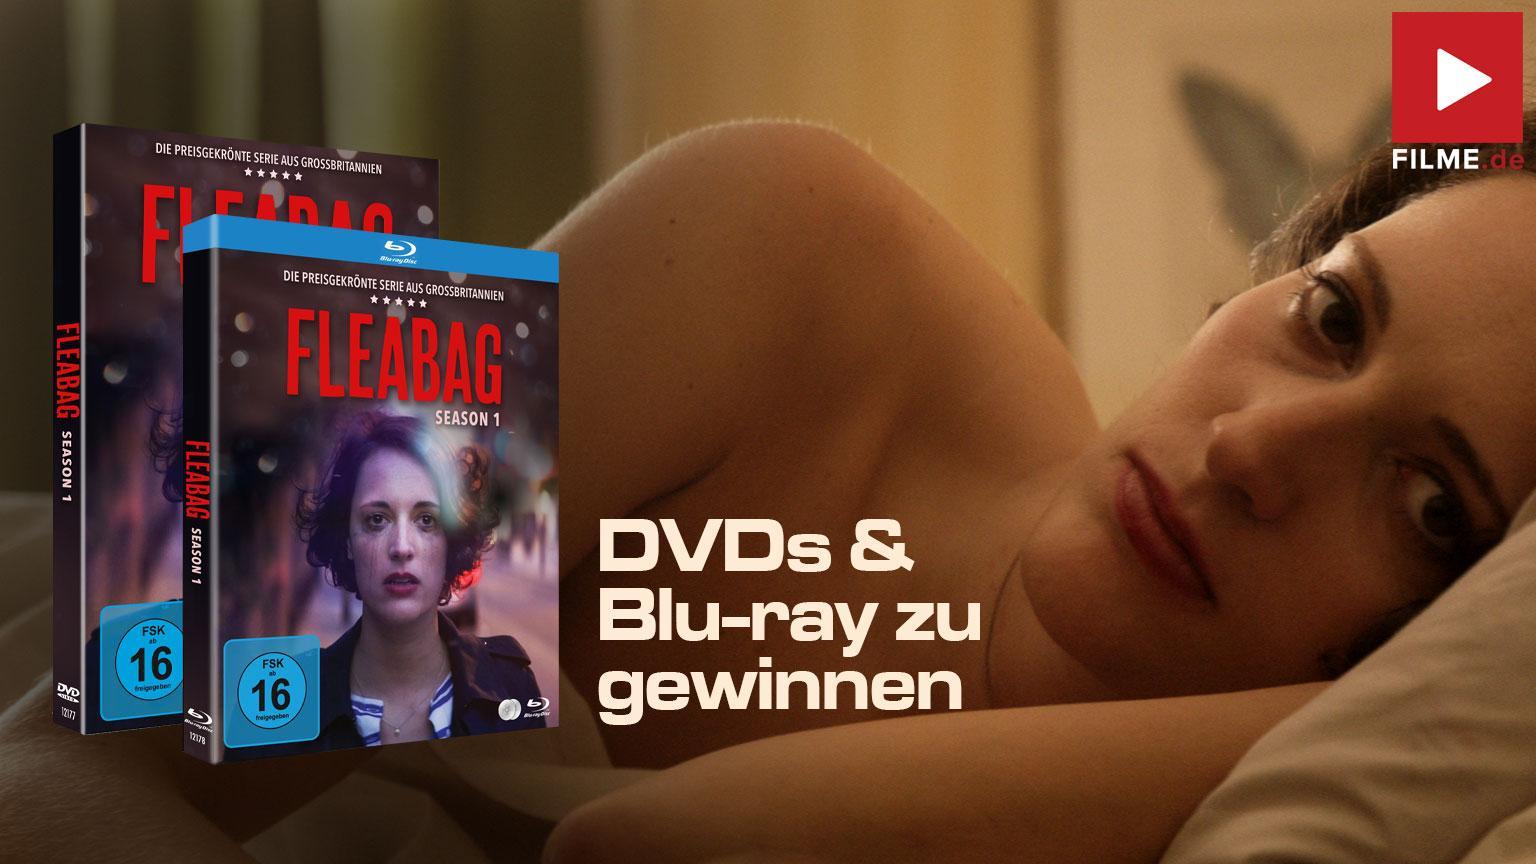 Fleabag - Staffel 1 Ssrie 2021 Blu-ray DVD Gewinnspiel gewinnen shop kaufen Artikelbild